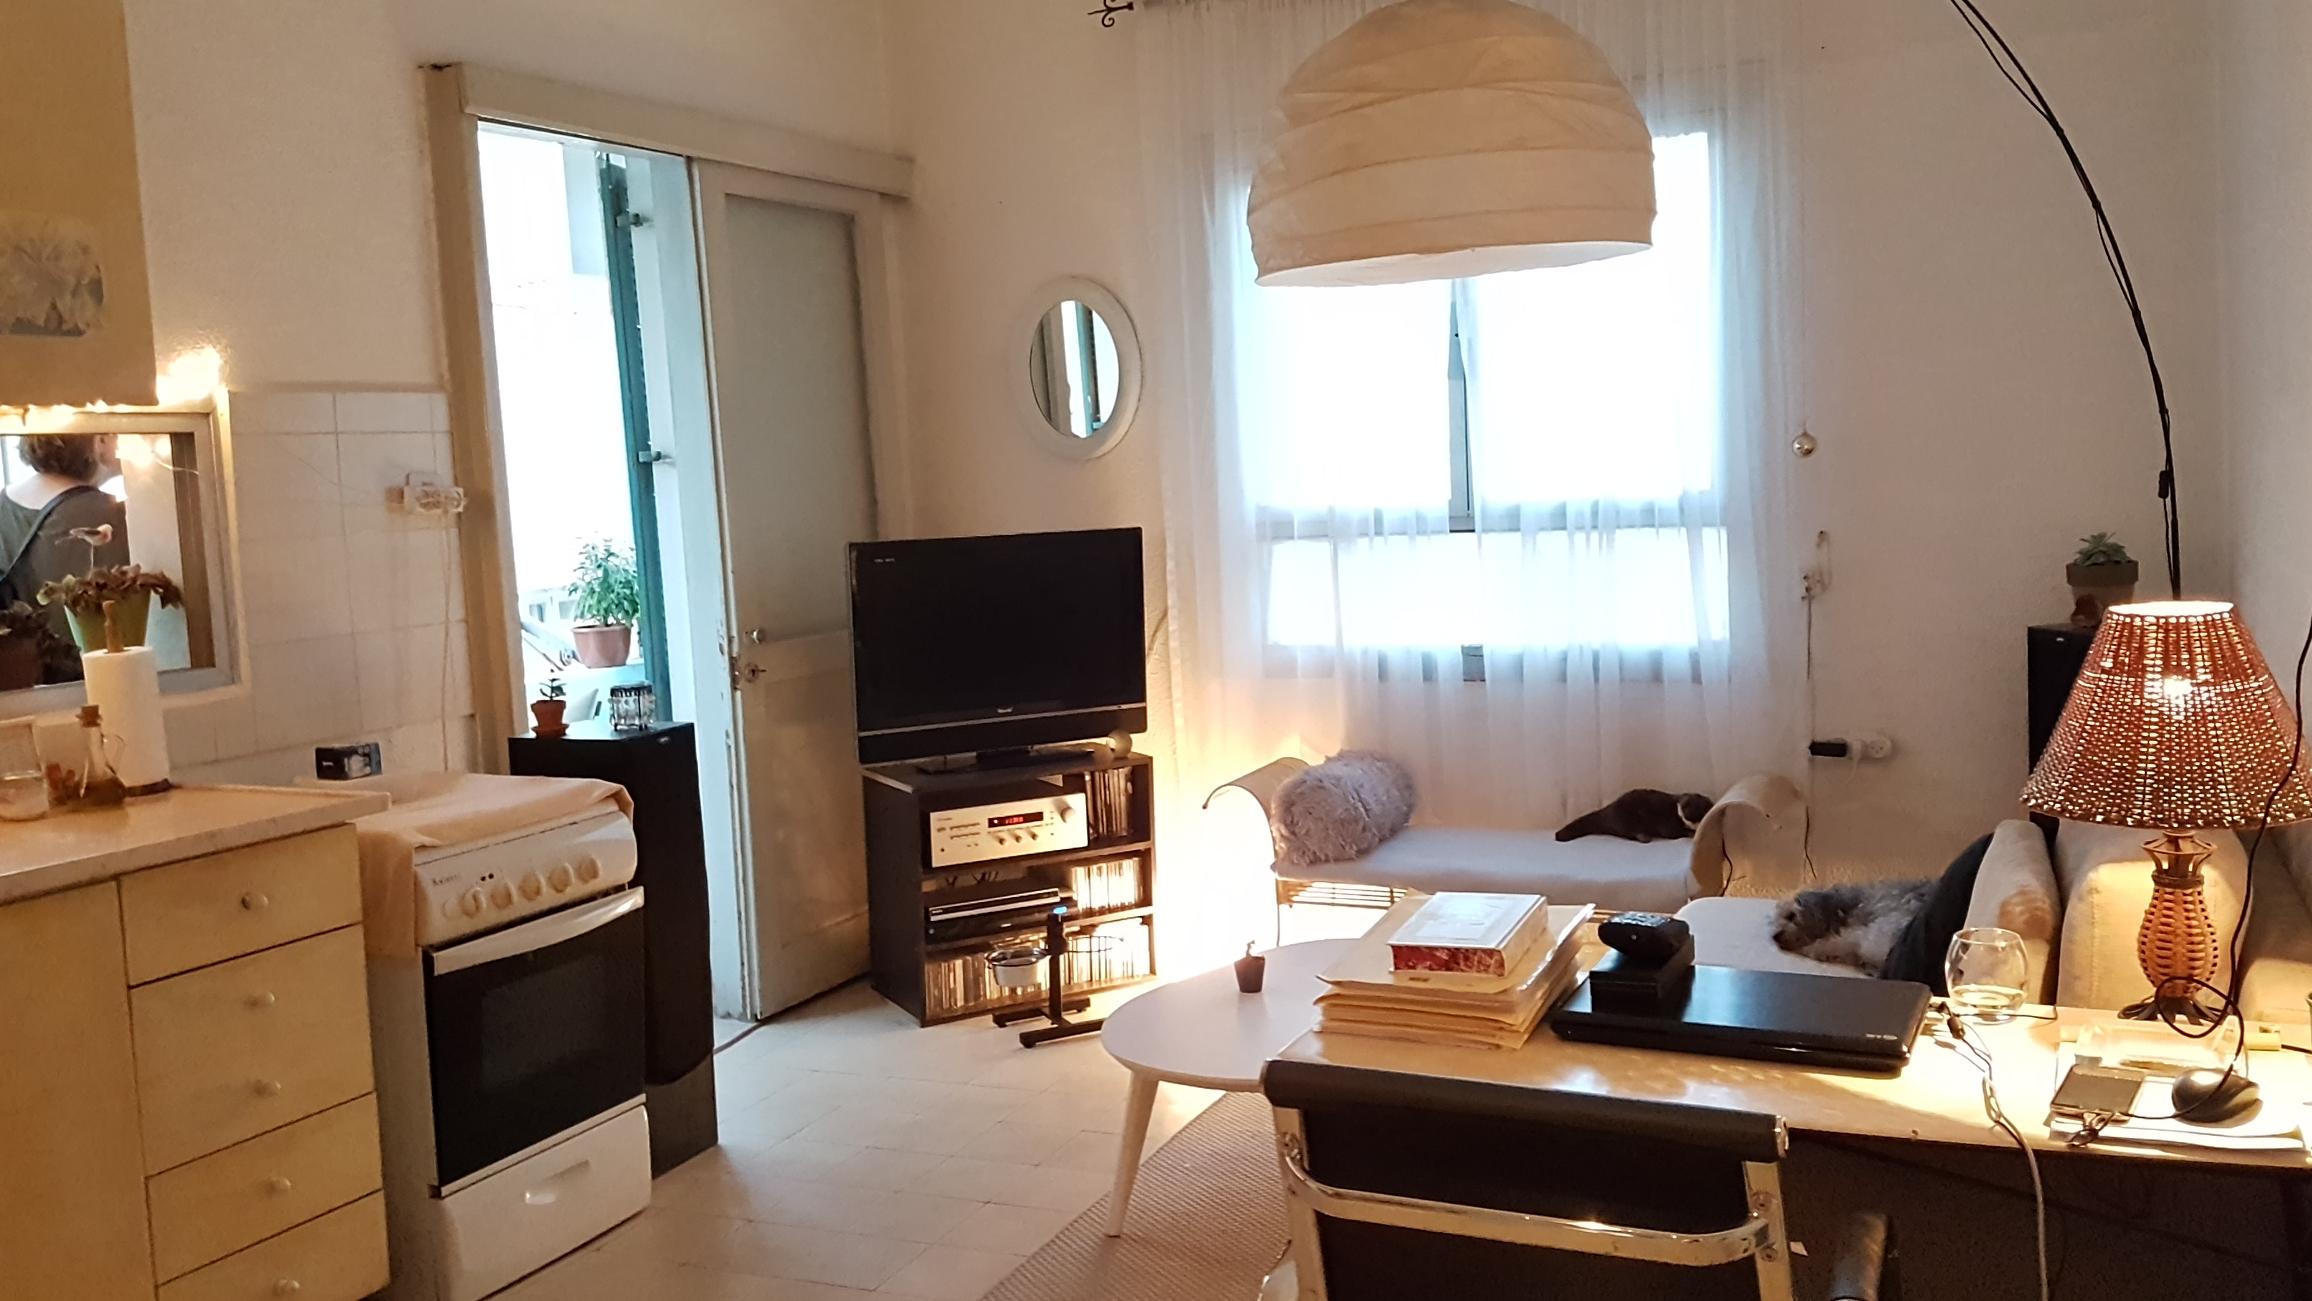 1.5 bedroom apartment in Florentine